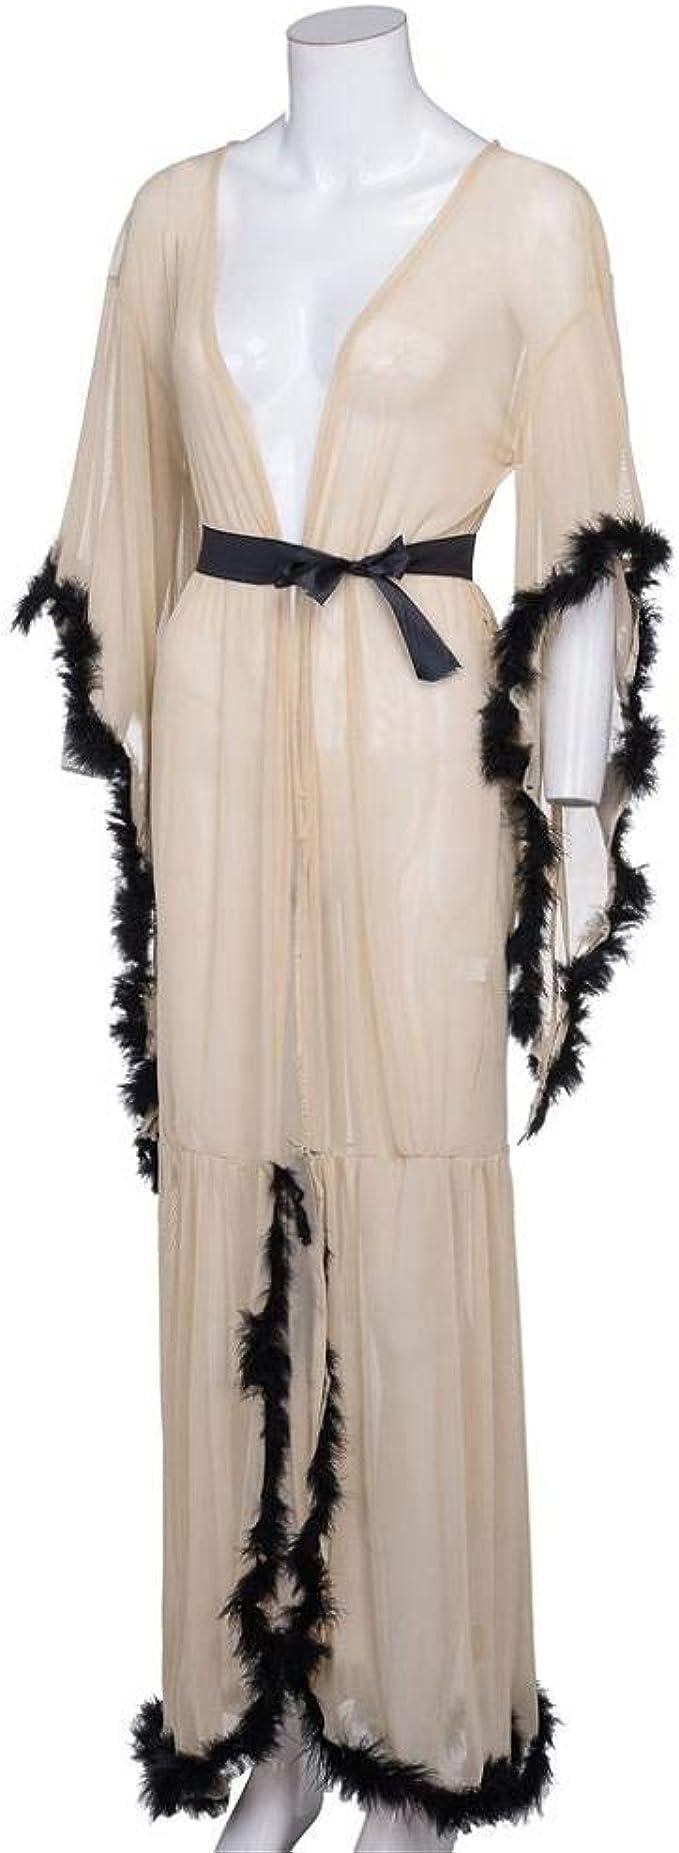 VJGOAL Mujeres Casual camisón Largo lencería camisón Ropa de Dormir Sexy tentación Transparente Bata Ropa Interior erótica(Un tamaño,Blanco): Amazon.es: Ropa y accesorios